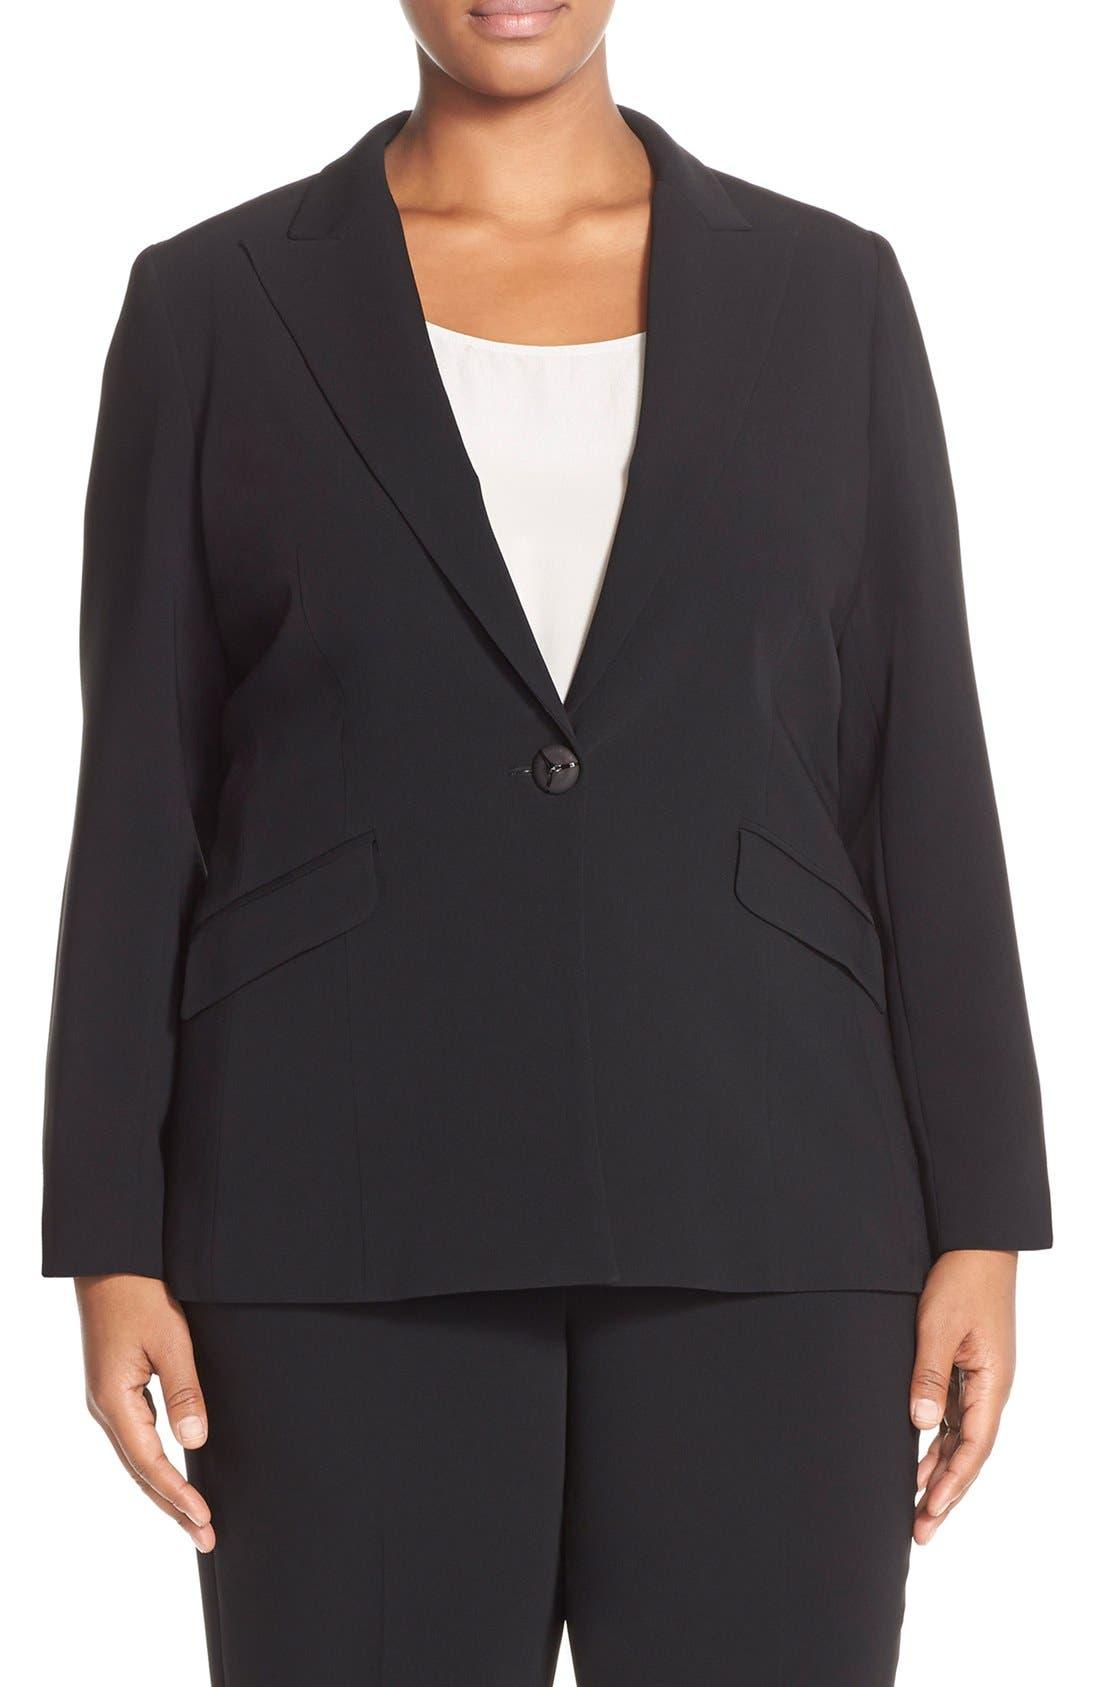 LOUBEN, Peak Lapel Suit Jacket, Main thumbnail 1, color, BLACK